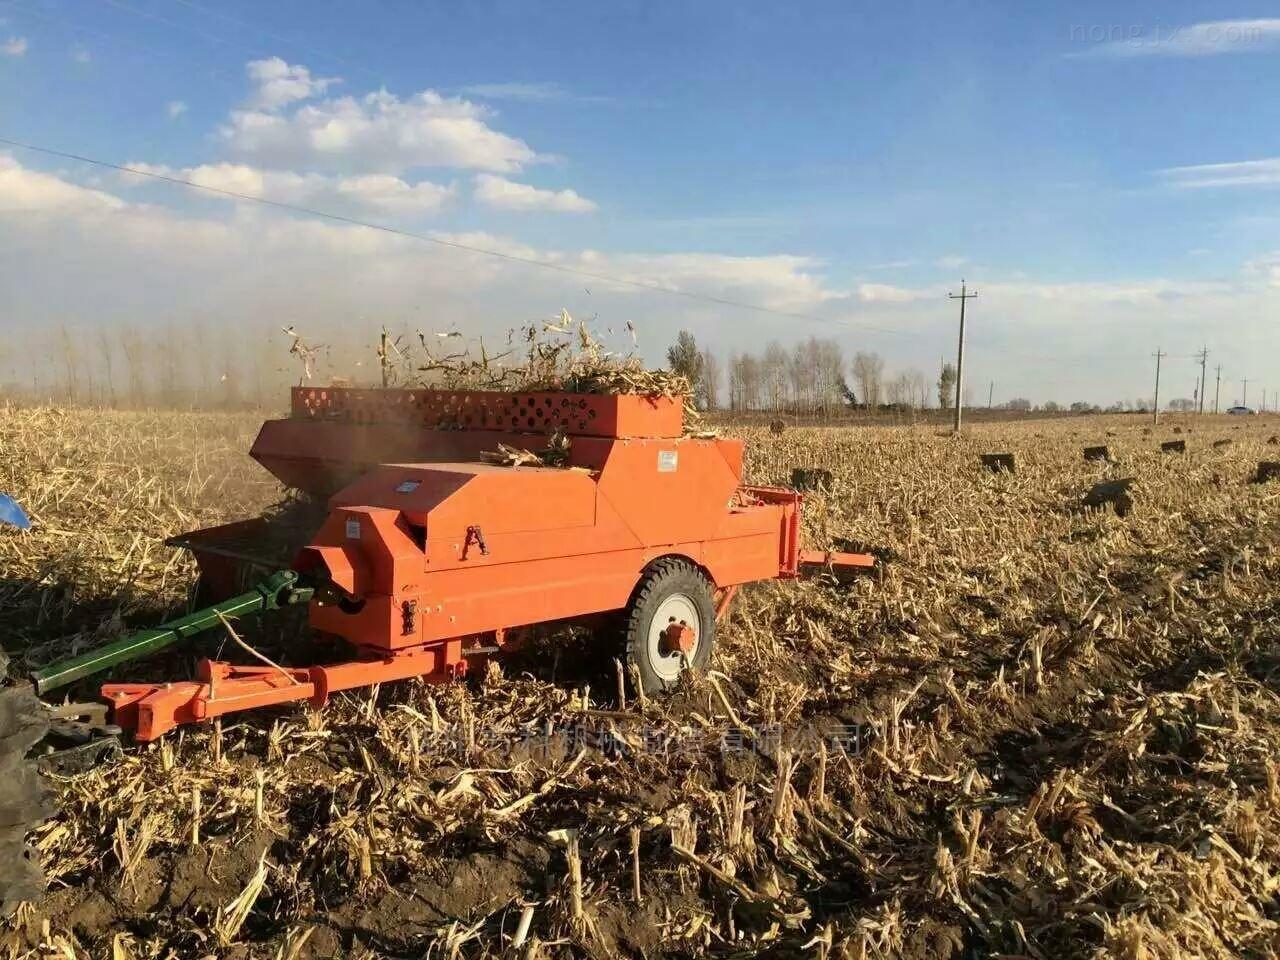 大型方捆麦草秸秆自动捡拾打捆机